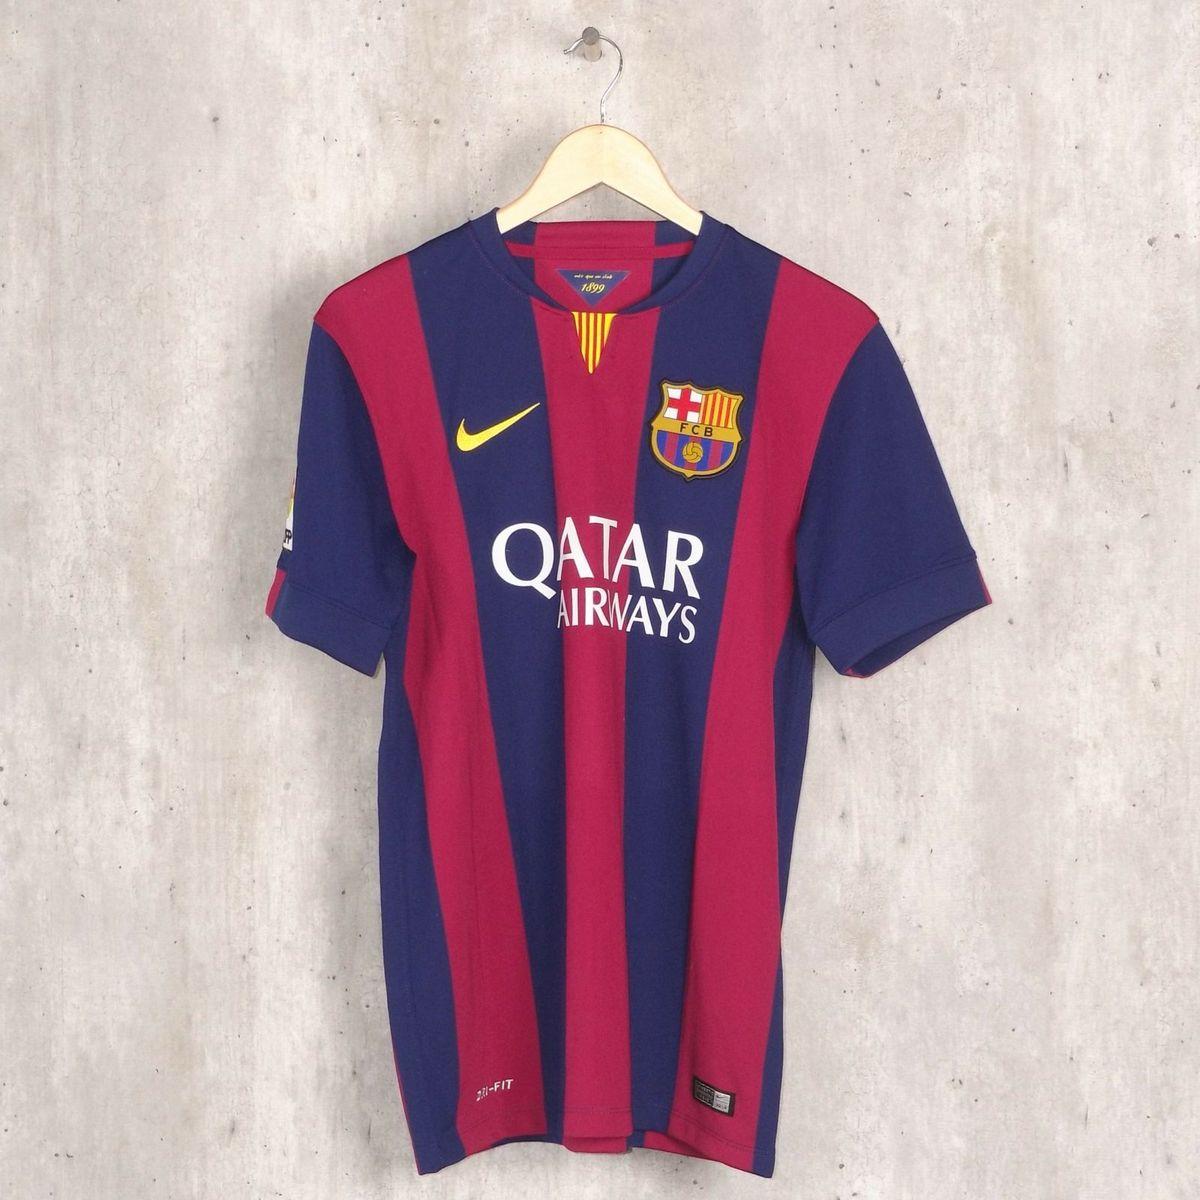 camisa barcelona feminina 2014-2015 - camisas nike 48fa4956a2b5a